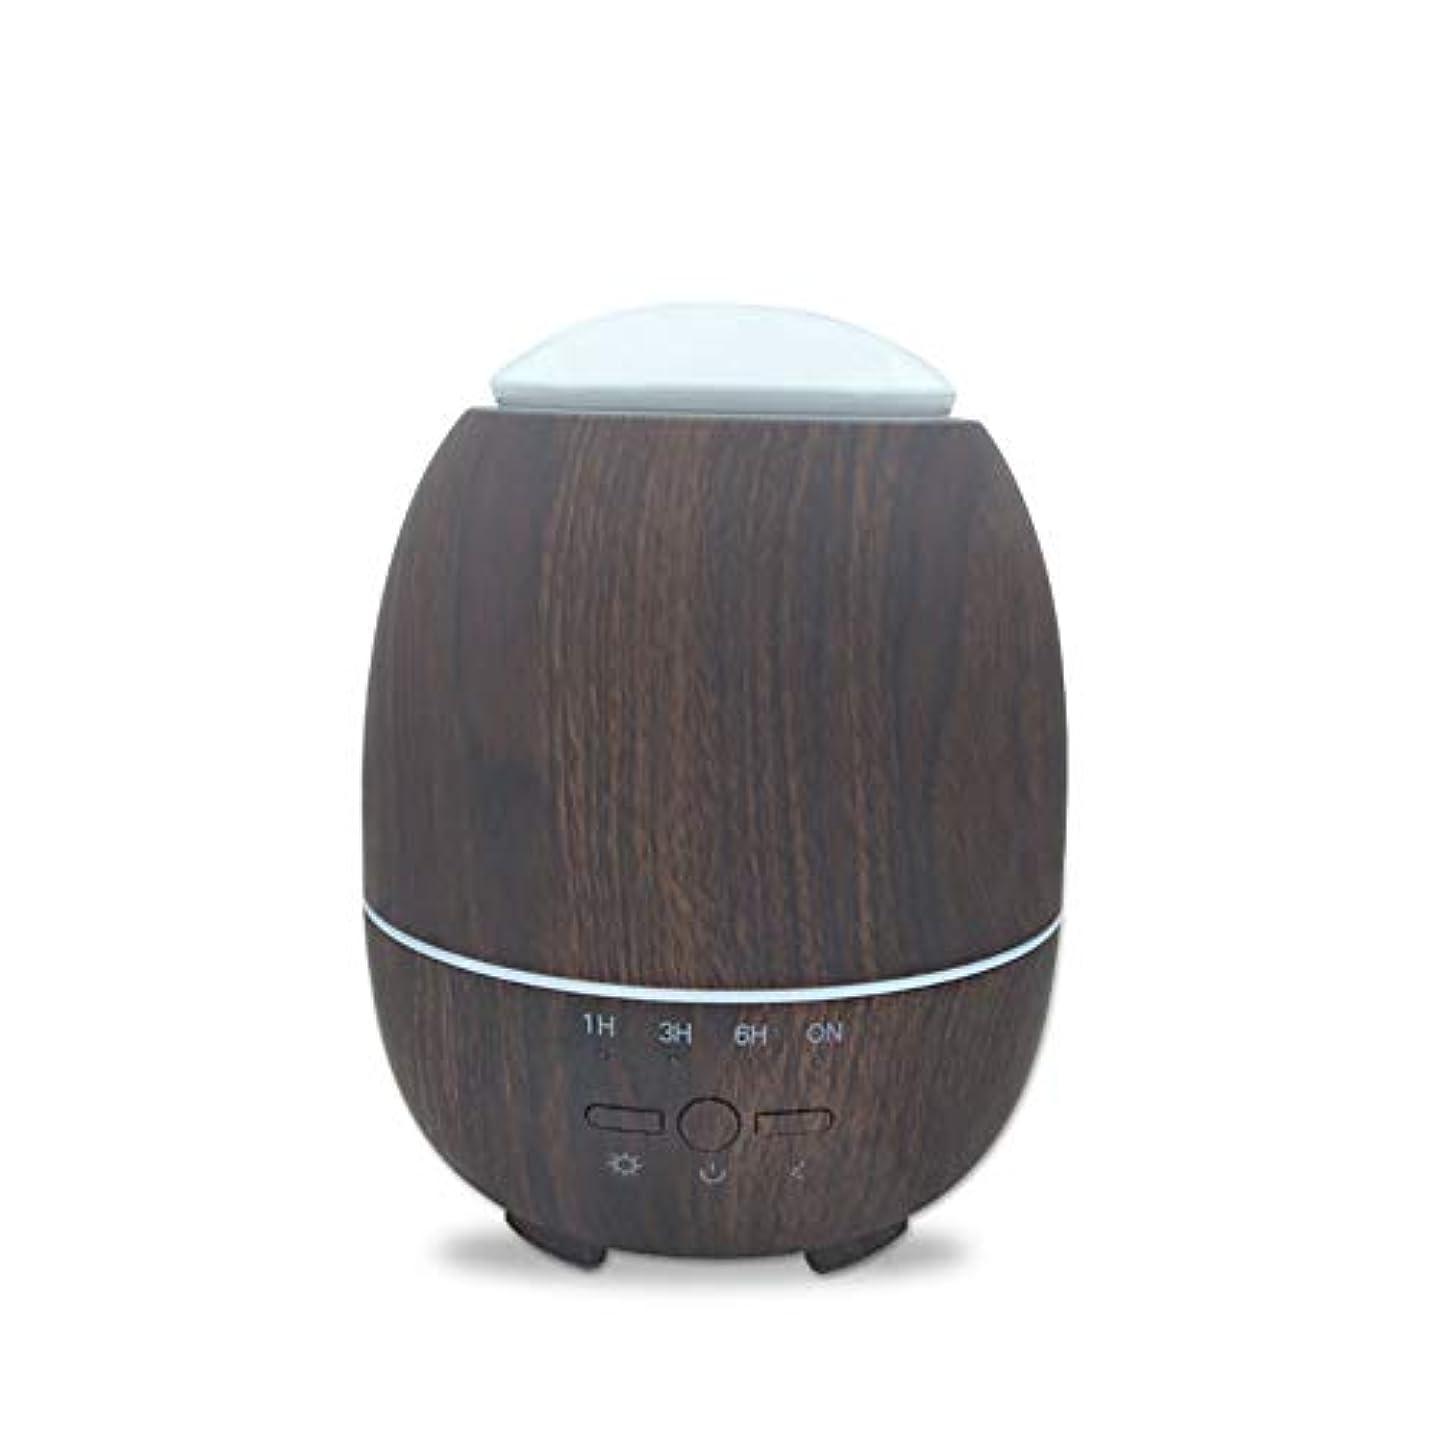 収まるリスト以来アロマエッセンシャルオイルクールミスト加湿器、ウッドグレインアロマディフューザー、スーパーハイアロマ出力、調節可能ミストモード、7色LEDライト,deepgrain